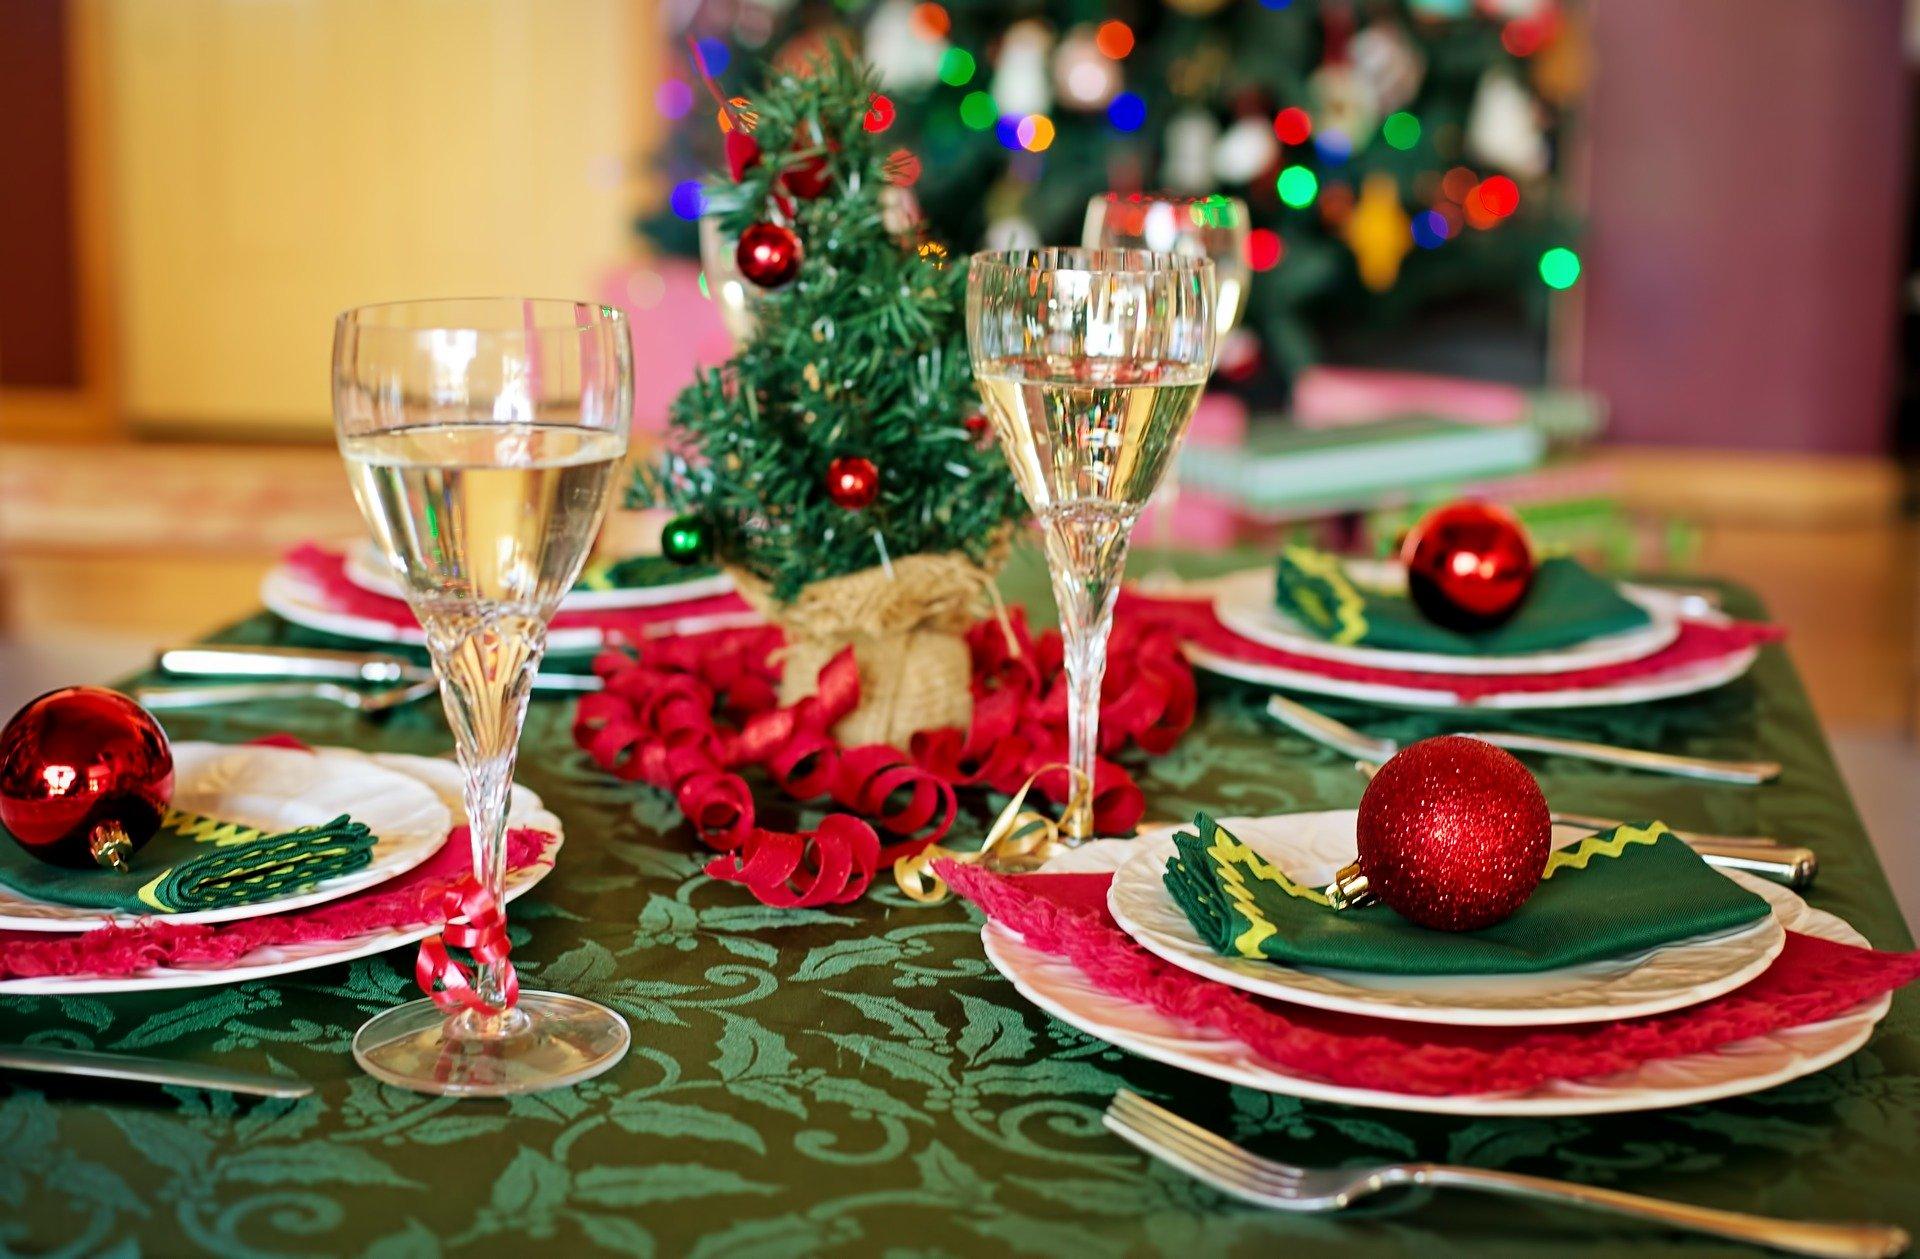 Pranzo di Natale tradizionale lombardo